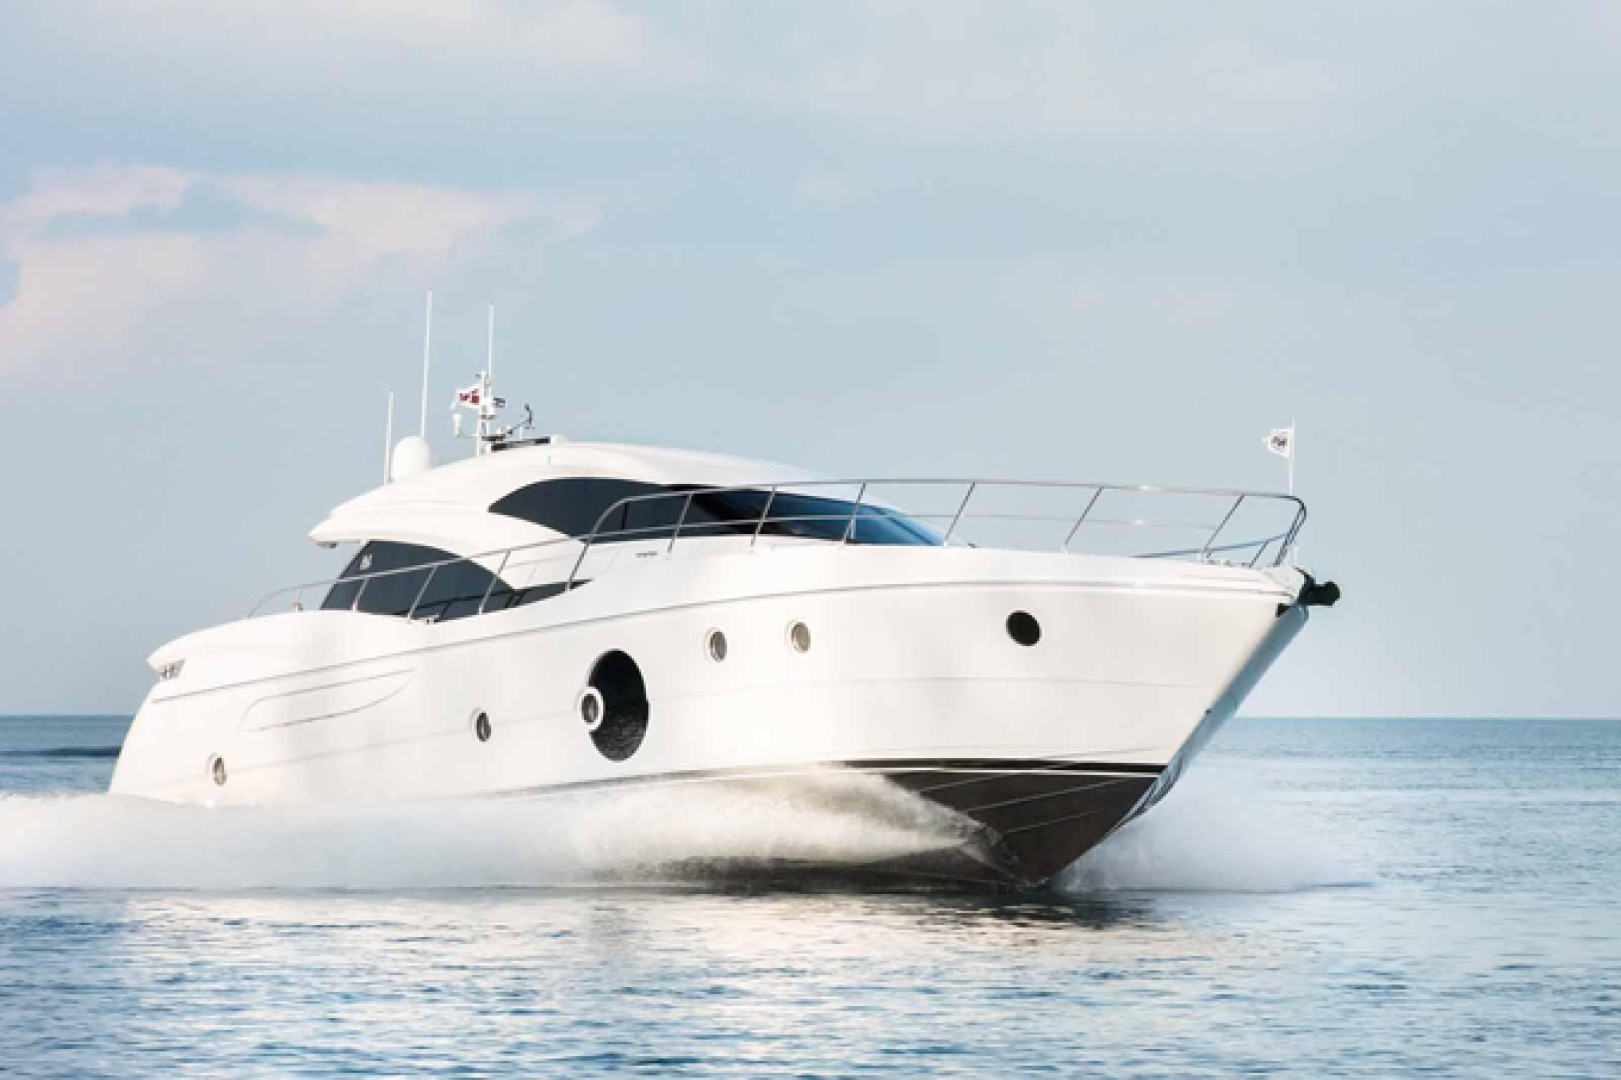 Neptunus-Motor Yacht Express 2018-LIQUID WISDOM Grand Haven-Michigan-United States-Running-1485036 | Thumbnail